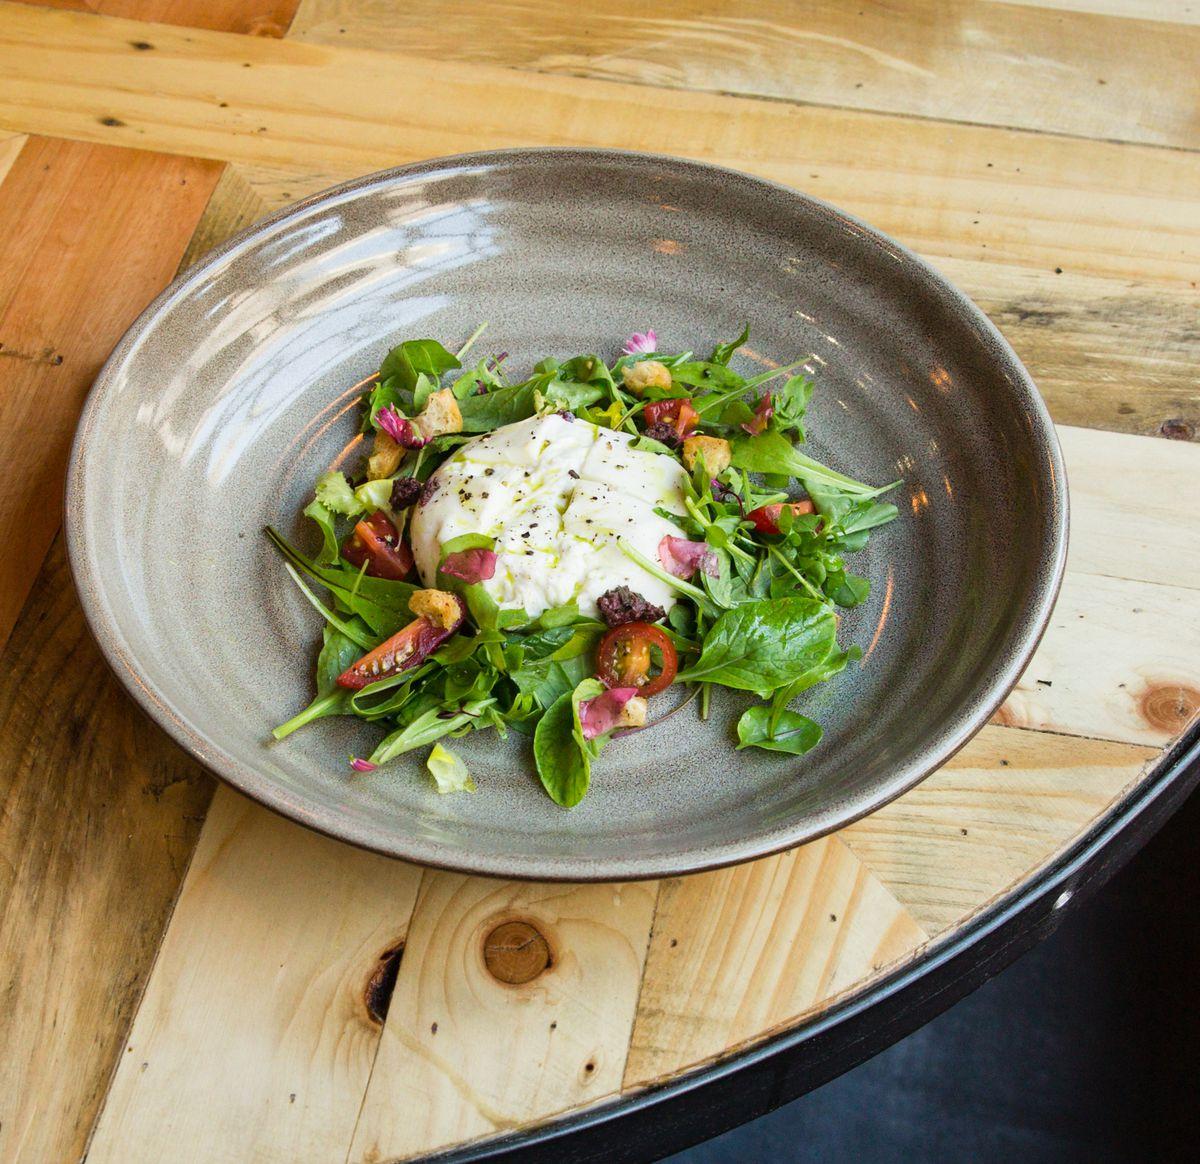 Creamy – burrata salad with heritage tomatoes